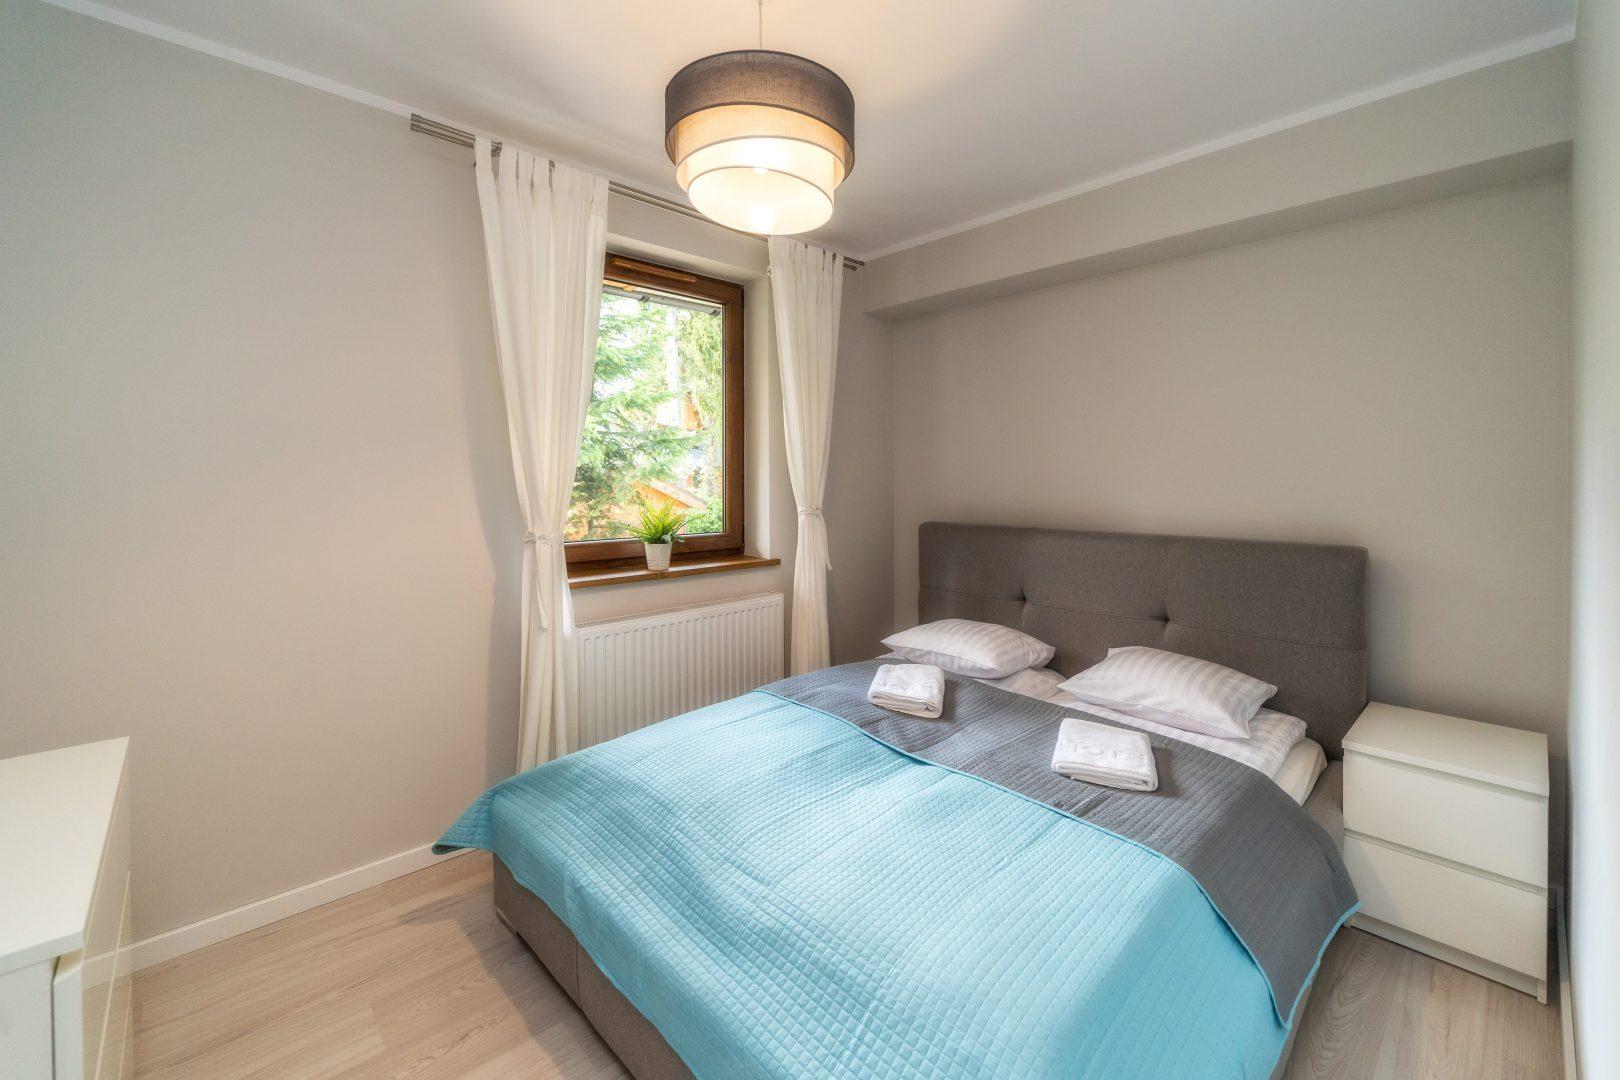 Sypialnia-mała-1